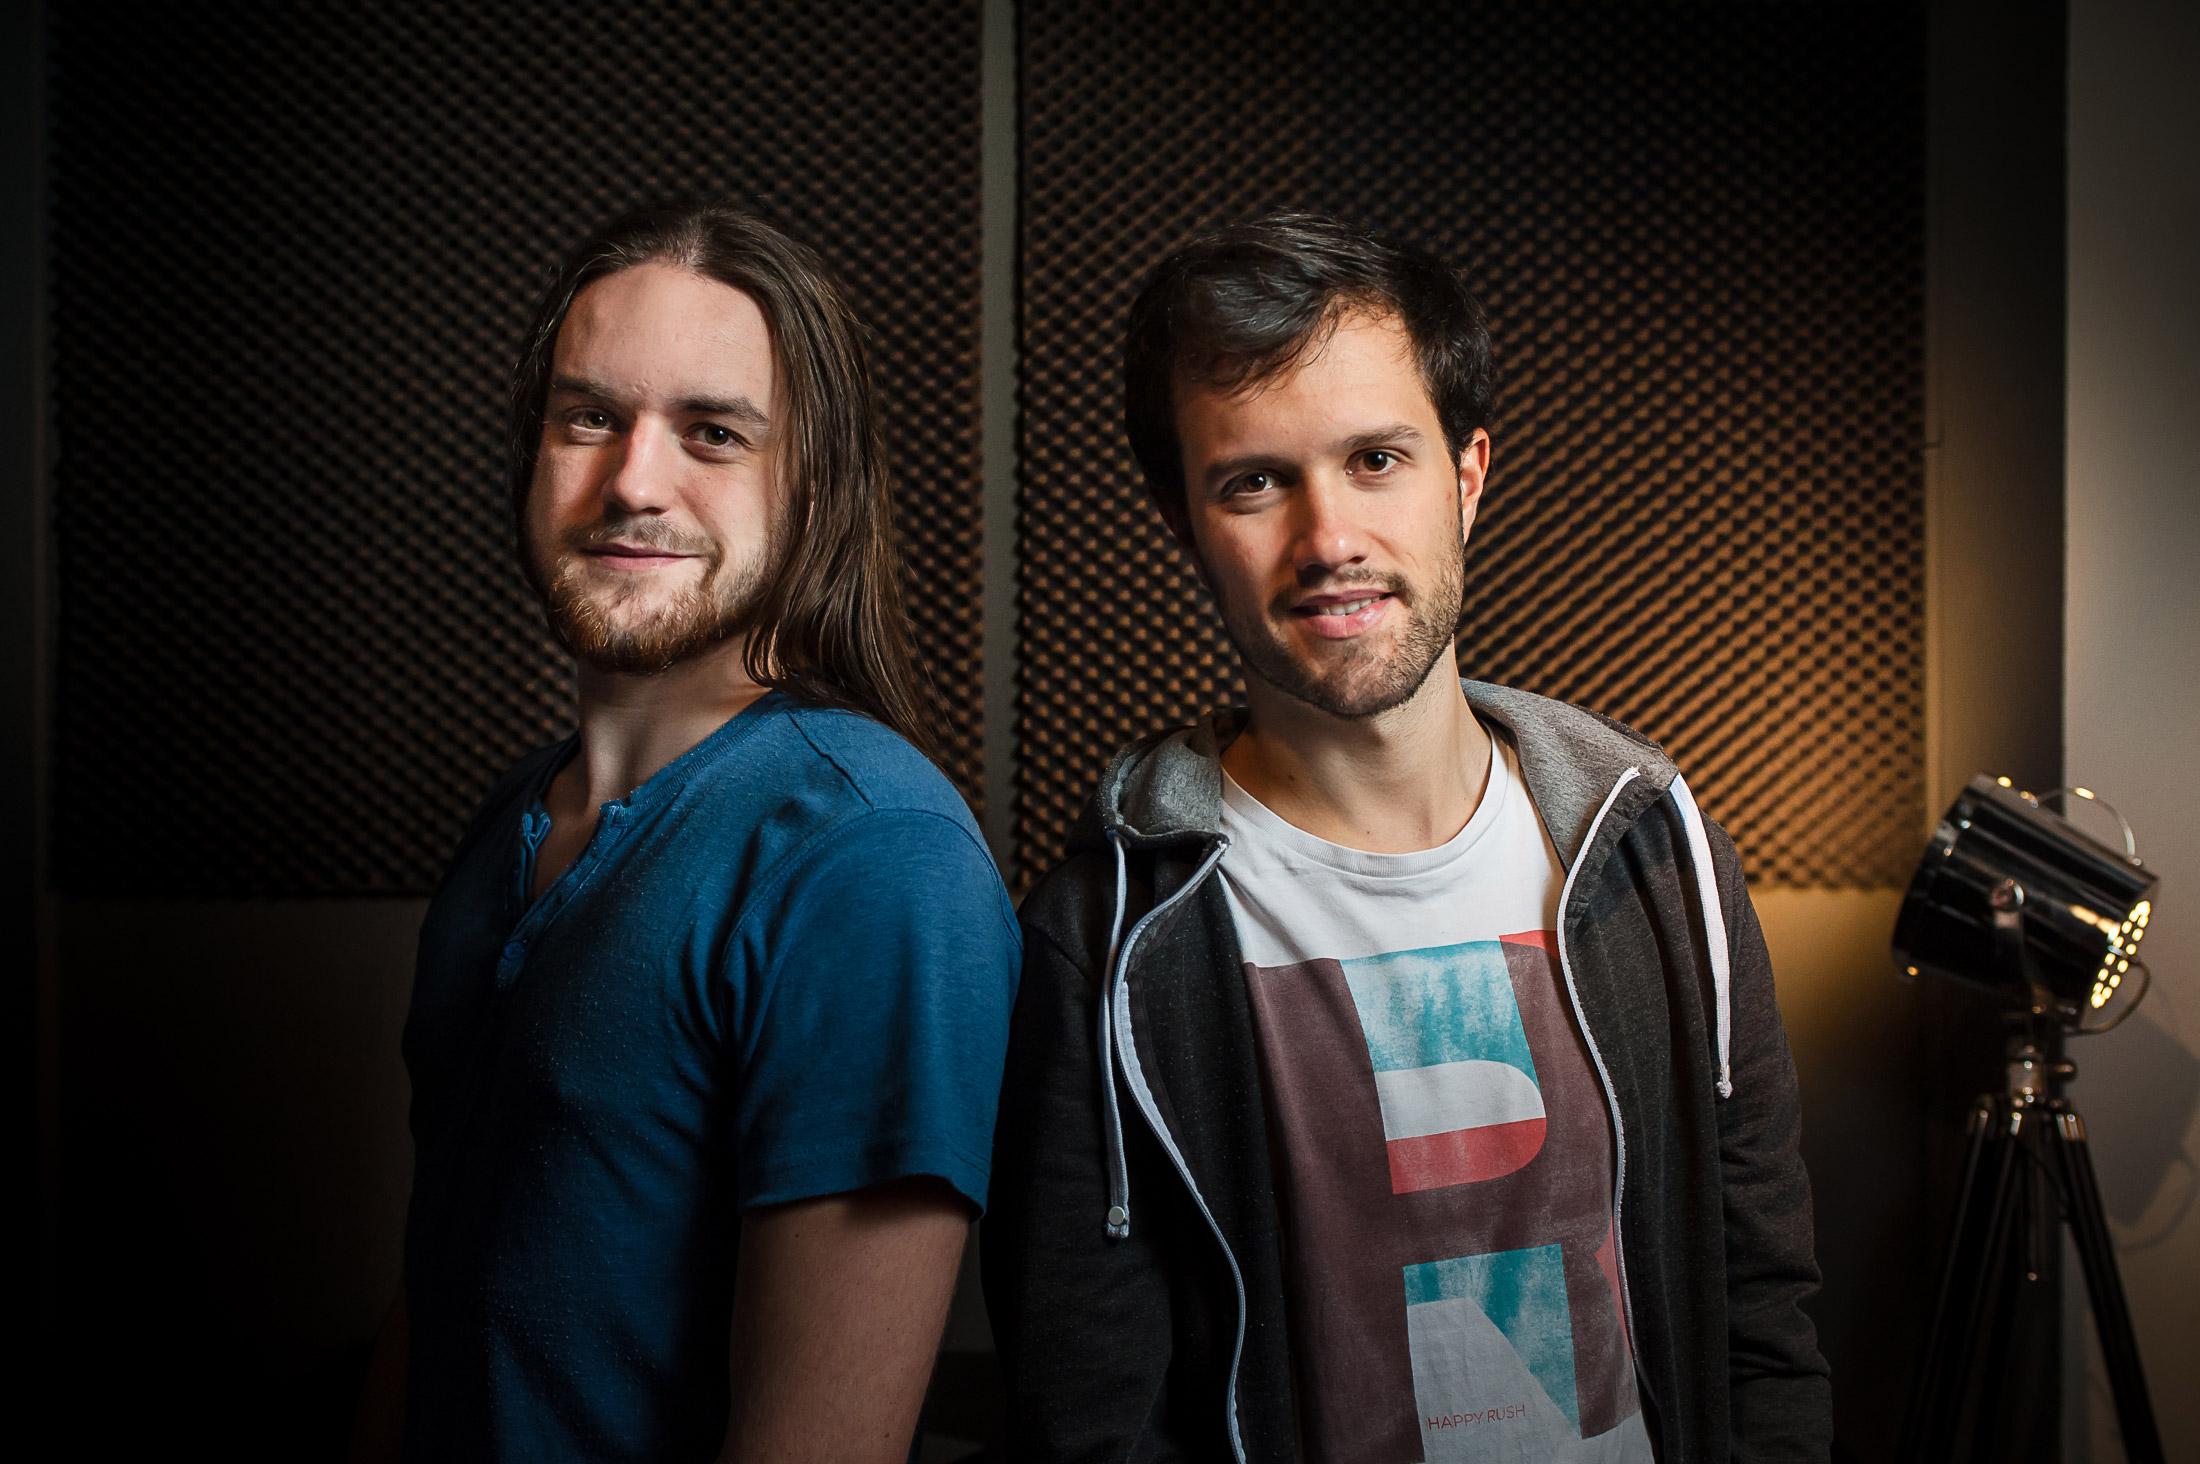 Zecharia et Mamytwink dans leur studio d'enregistrement vidéo !